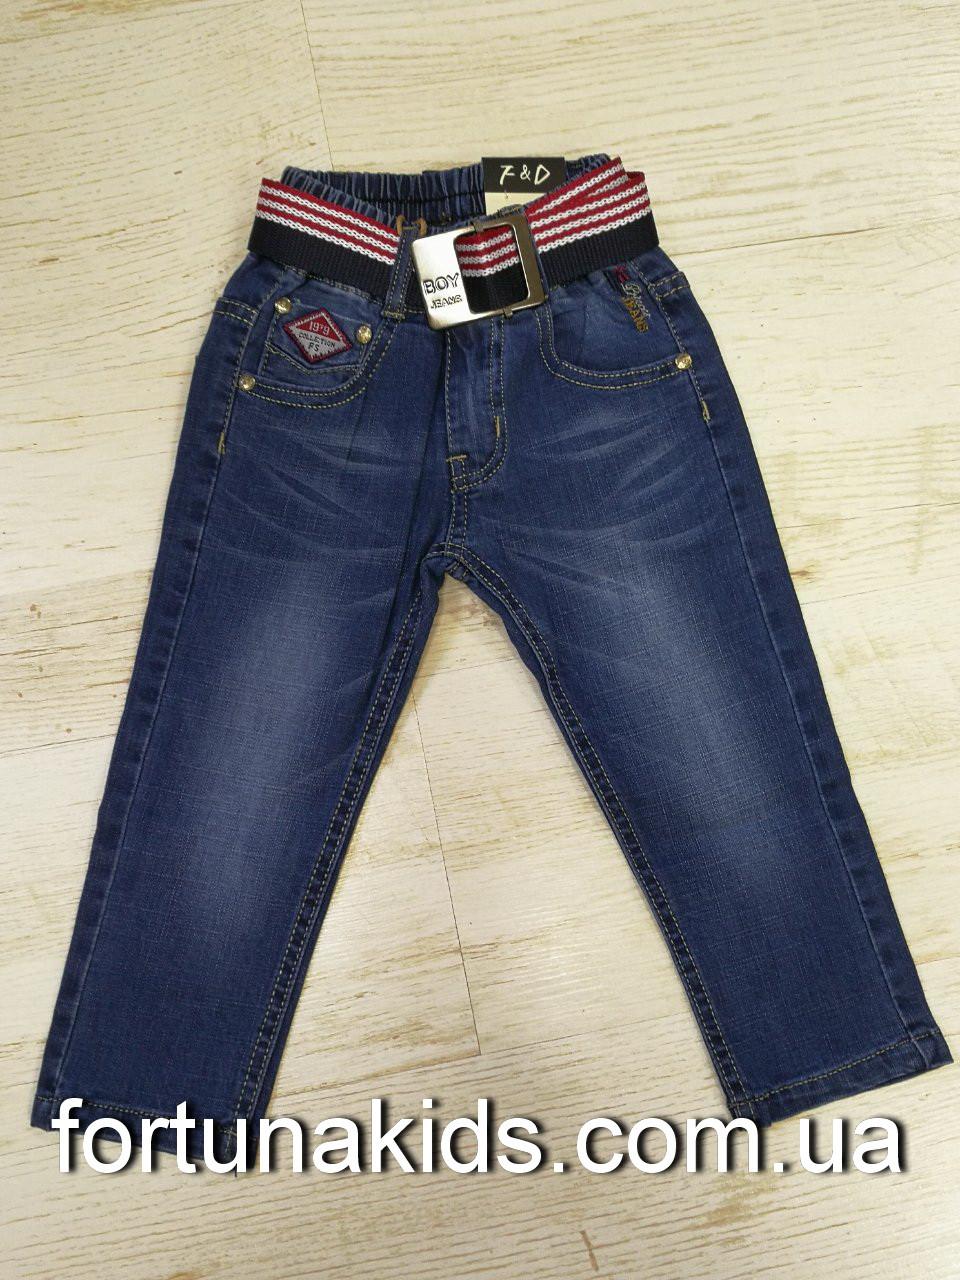 Джинсовые брюки для мальчиков F&D 74-104 р.р.